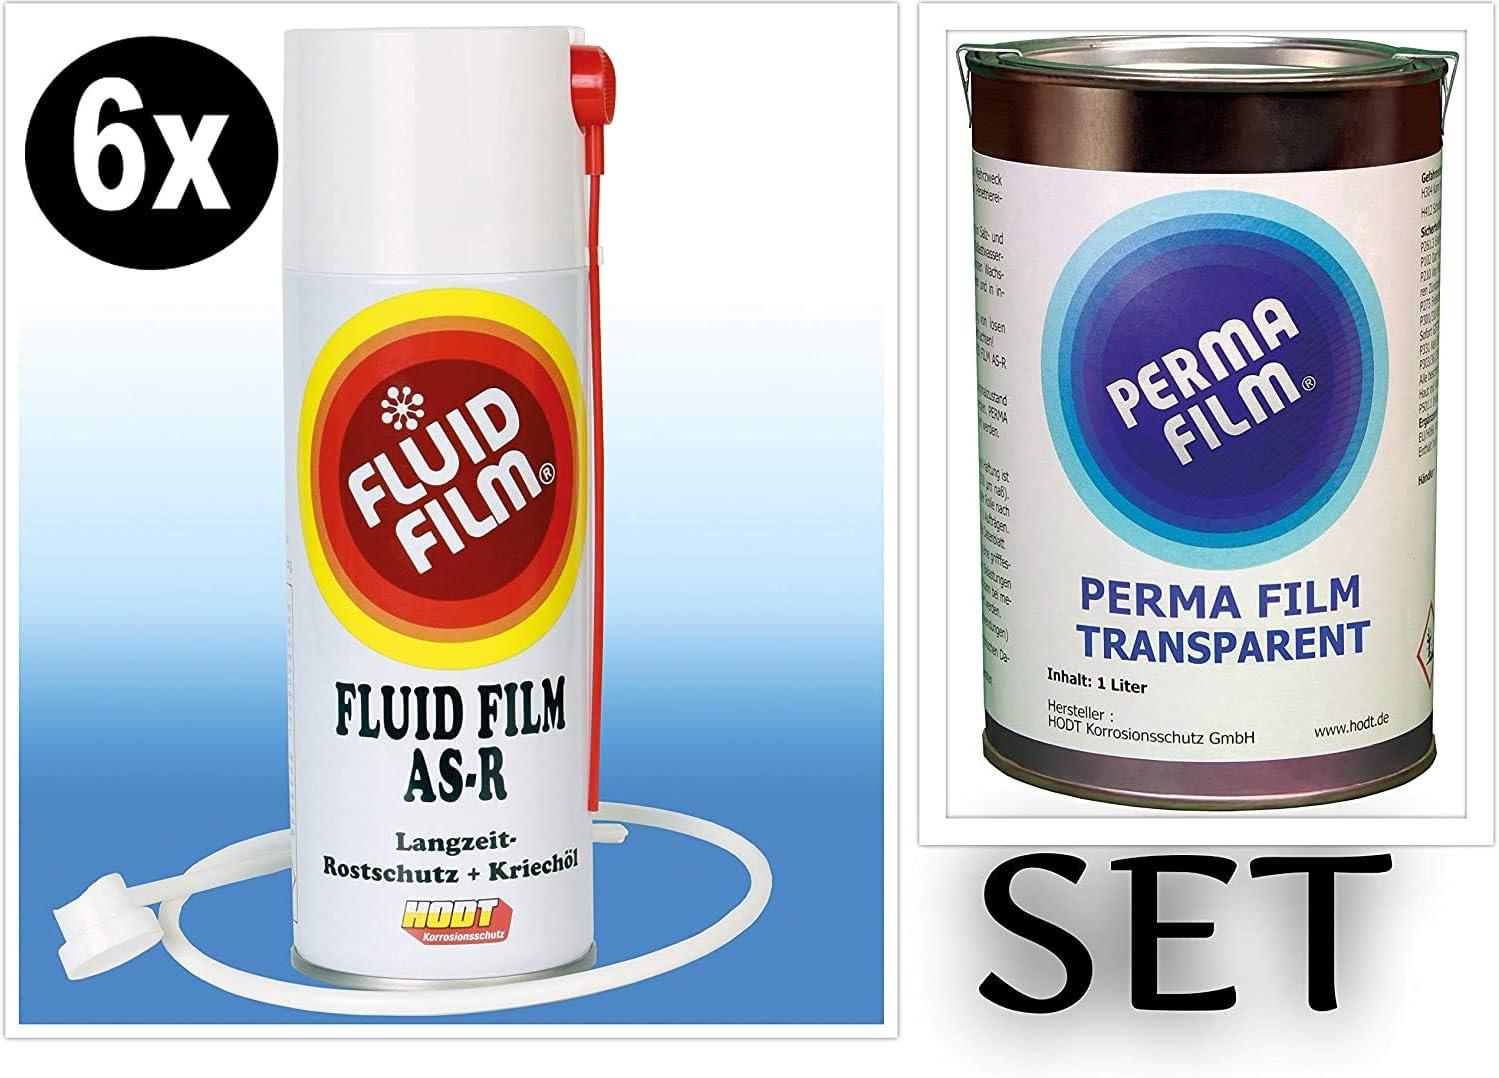 6x Fluid Film As R Rostschutz Korrosionsschutz Hohlraumversiegelung Rostschutzmittel Korrissionsschutzmittel Hohlraumkonservierung 400 Ml Sonde Perma Film Transparent 1 Liter Baumarkt